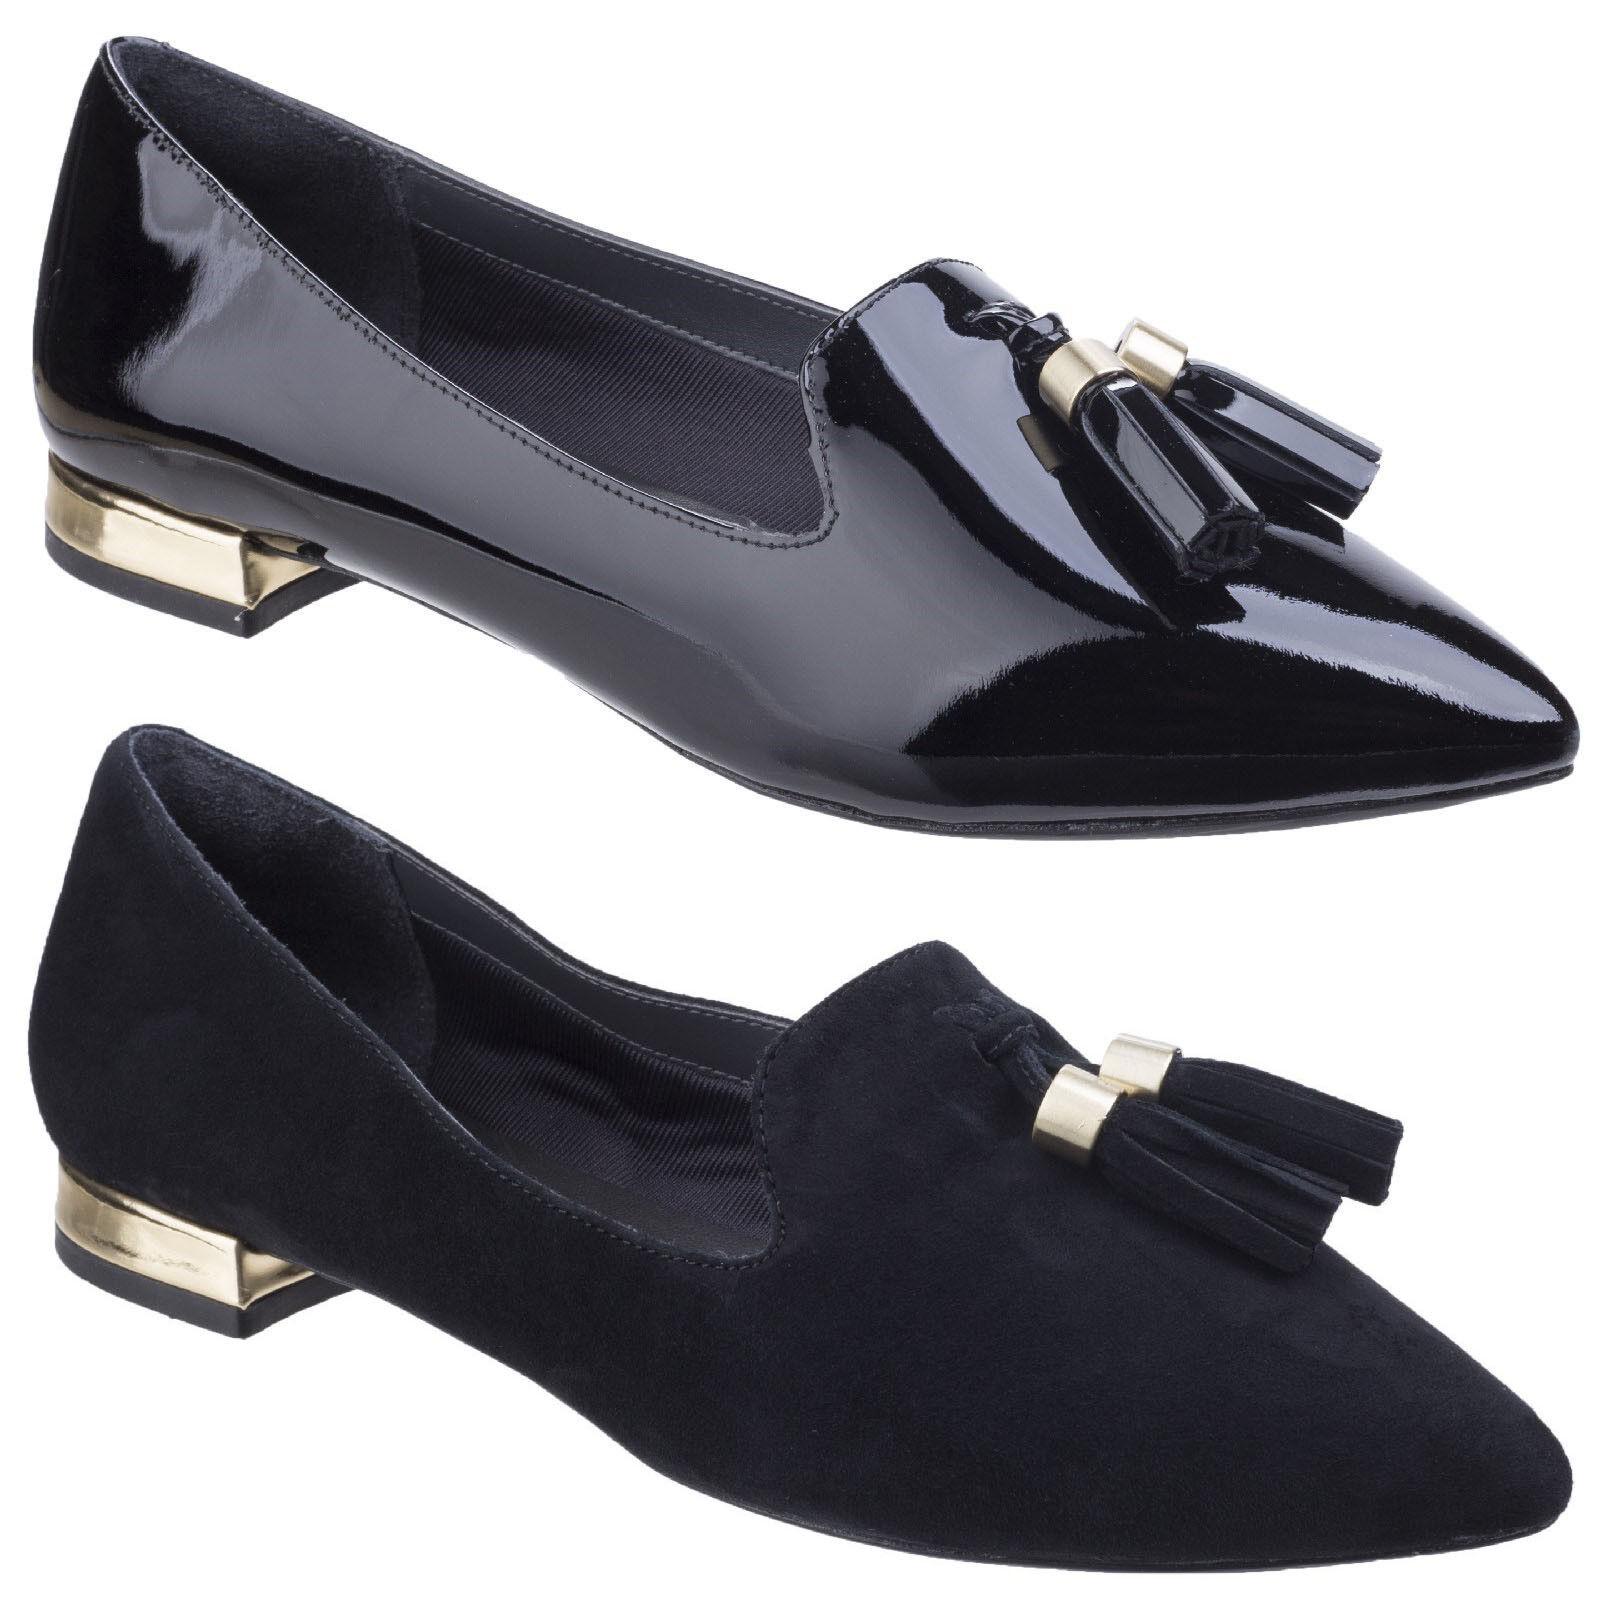 Rockport Total Total Total Motion Zuly mocasín de cuero señoras Casual Mujer Zapatos sin Taco  compras de moda online